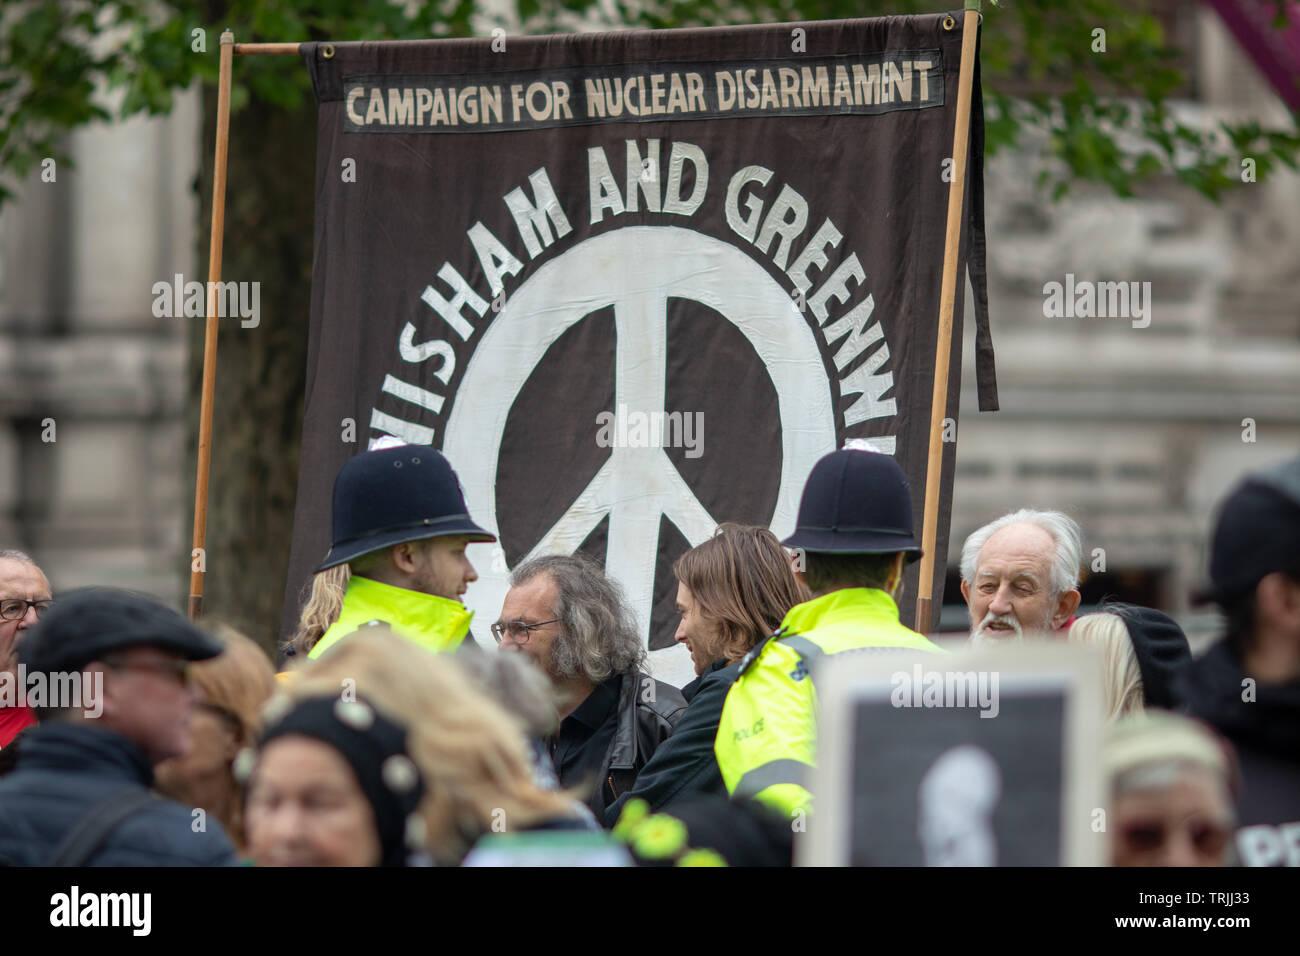 Londres, 3 mai 2019 - La foule tenue CND signes anti-nucléaire dans le centre de Londres pour protester contre un service naval, qui aura lieu à l'abbaye de Westminster Photo Stock